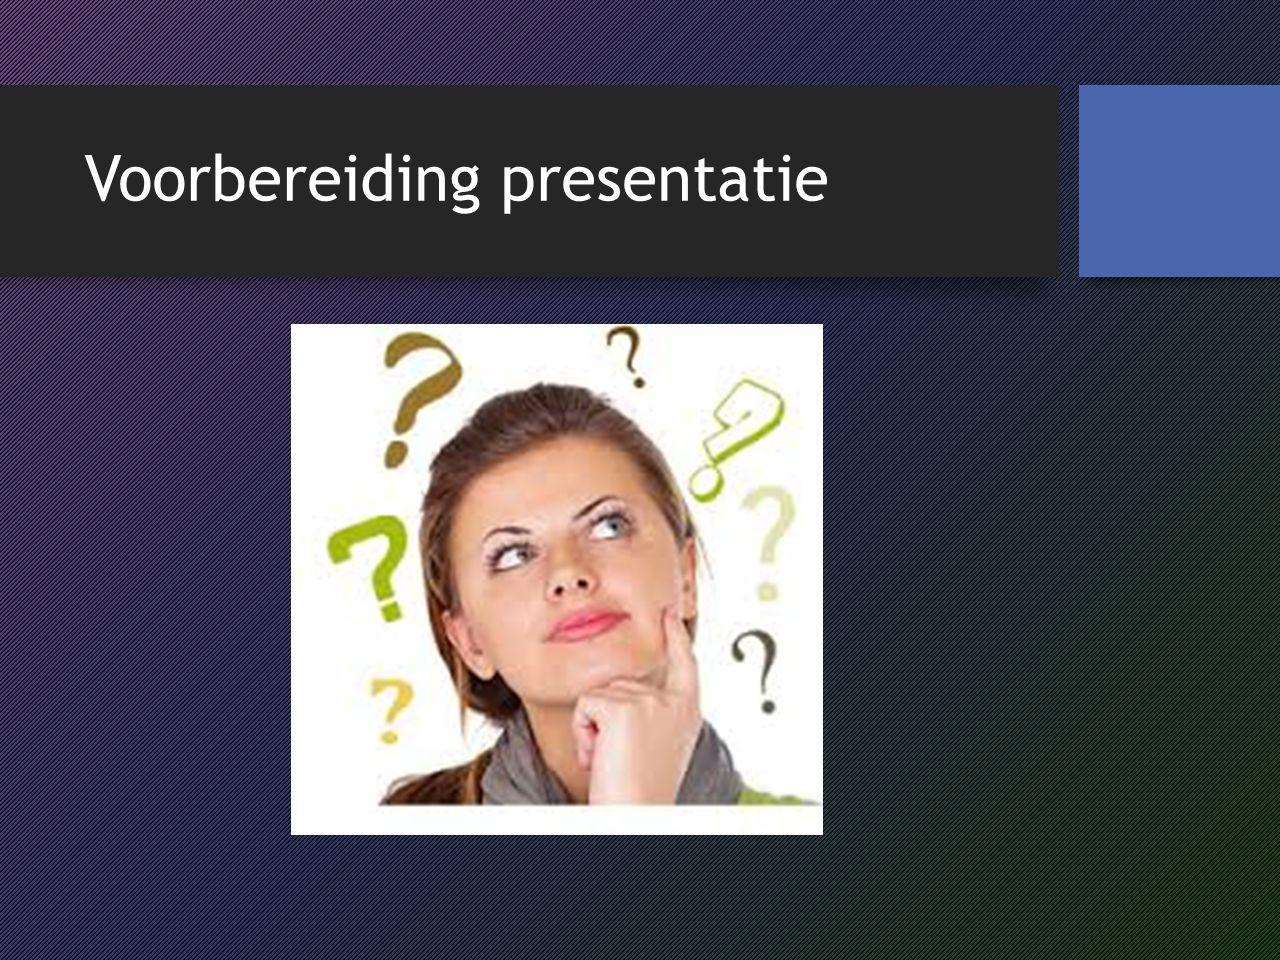 Voorbereiding presentatie